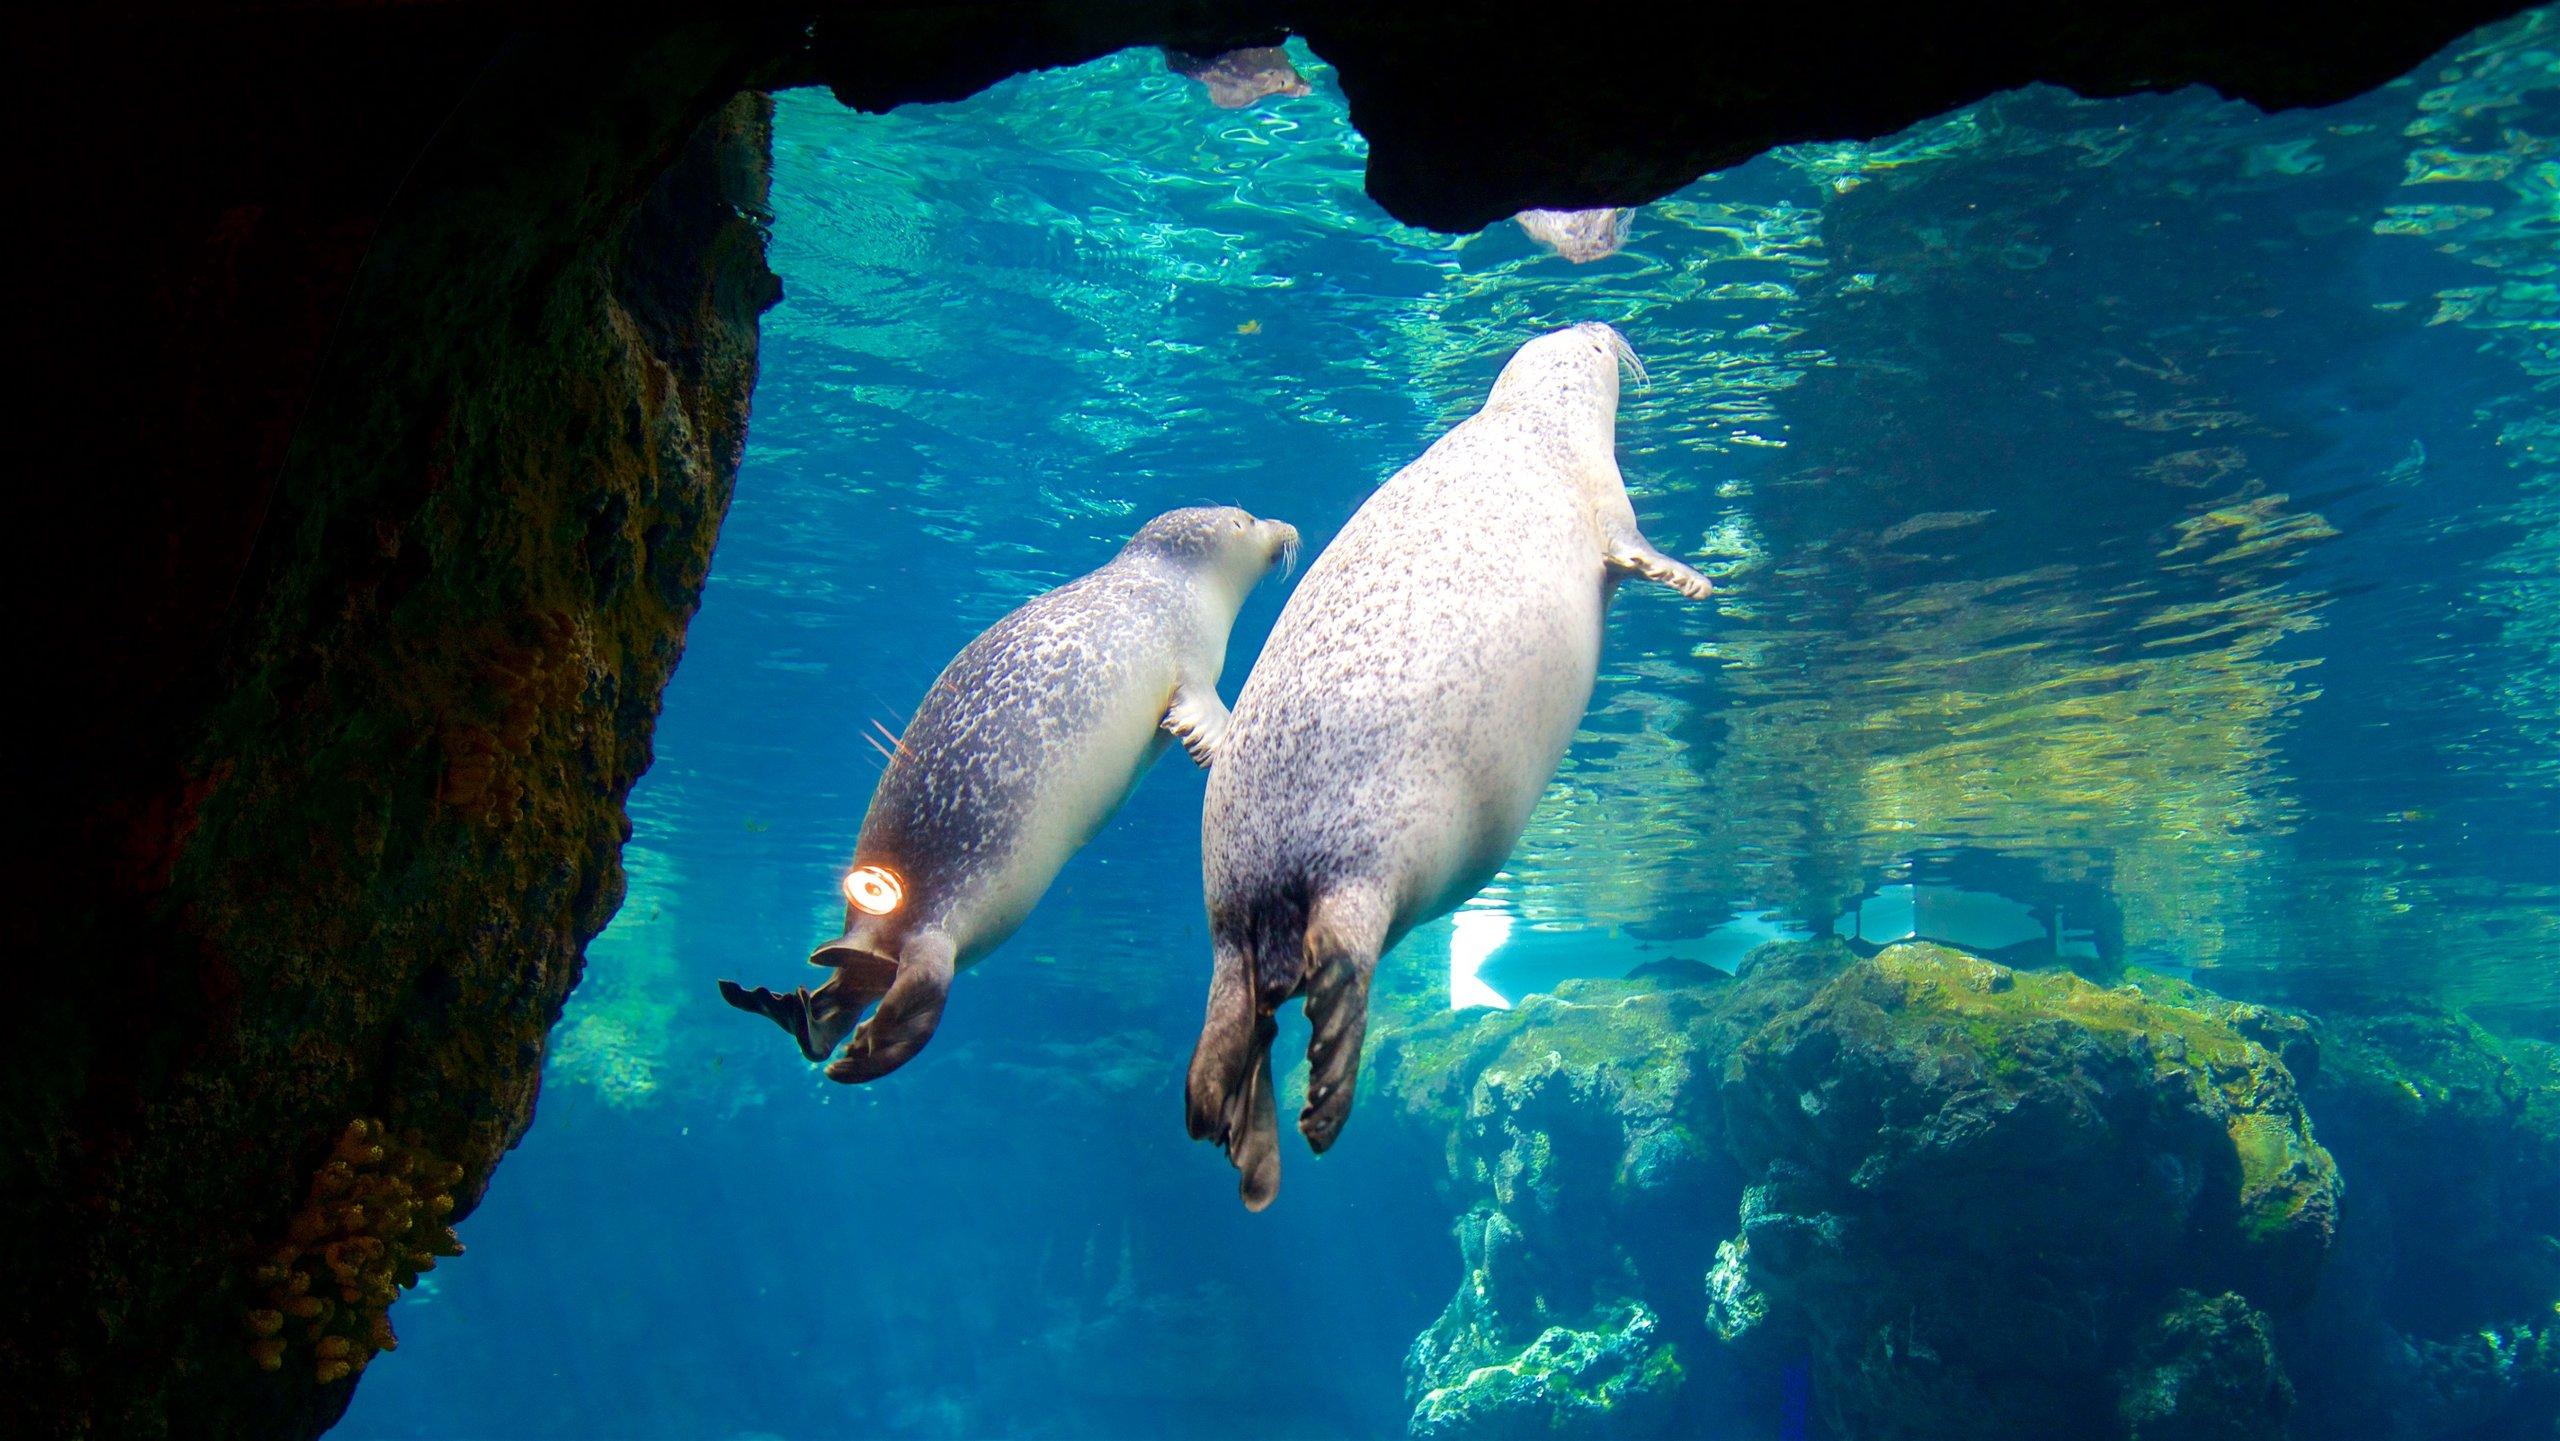 Scoprite le strane e meravigliose creature degli abissi in uno dei più grandi acquari d'Europa, popolato da squali, lamantini, pinguini e pesci tropicali.